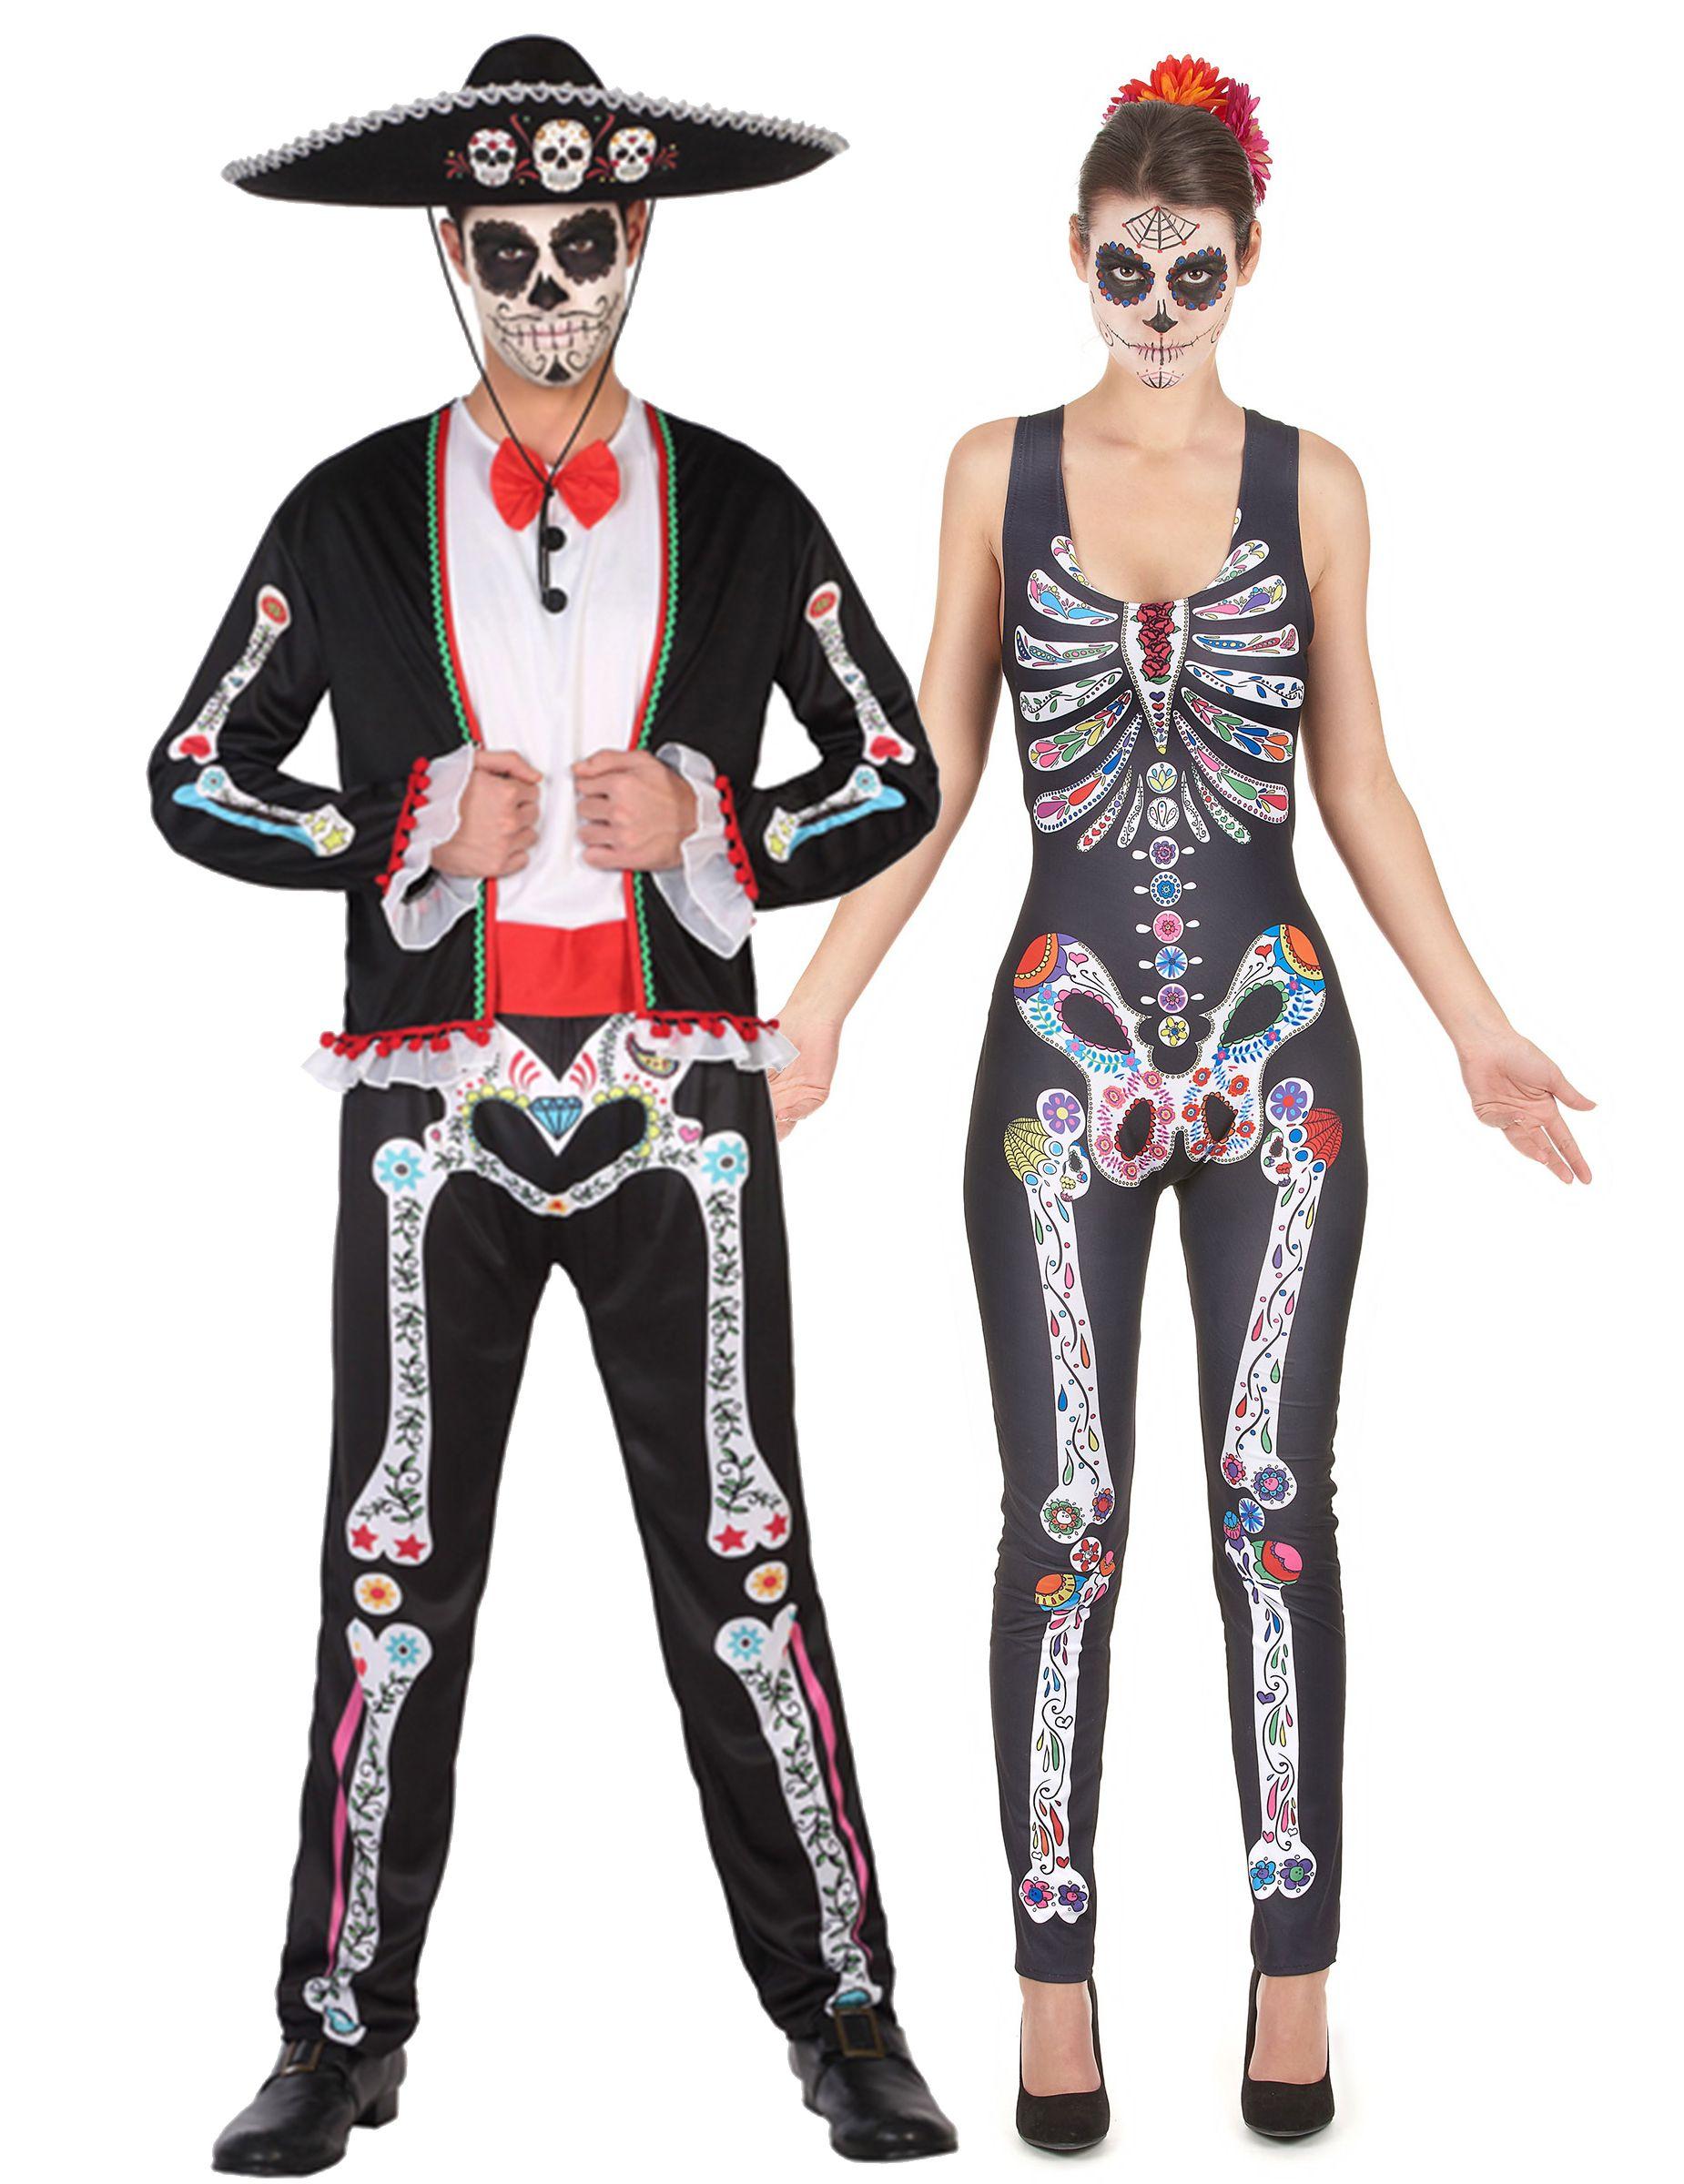 Costume coppia di scheletri colorati dia de los muertos  Il travestimento da  scheletro per donna